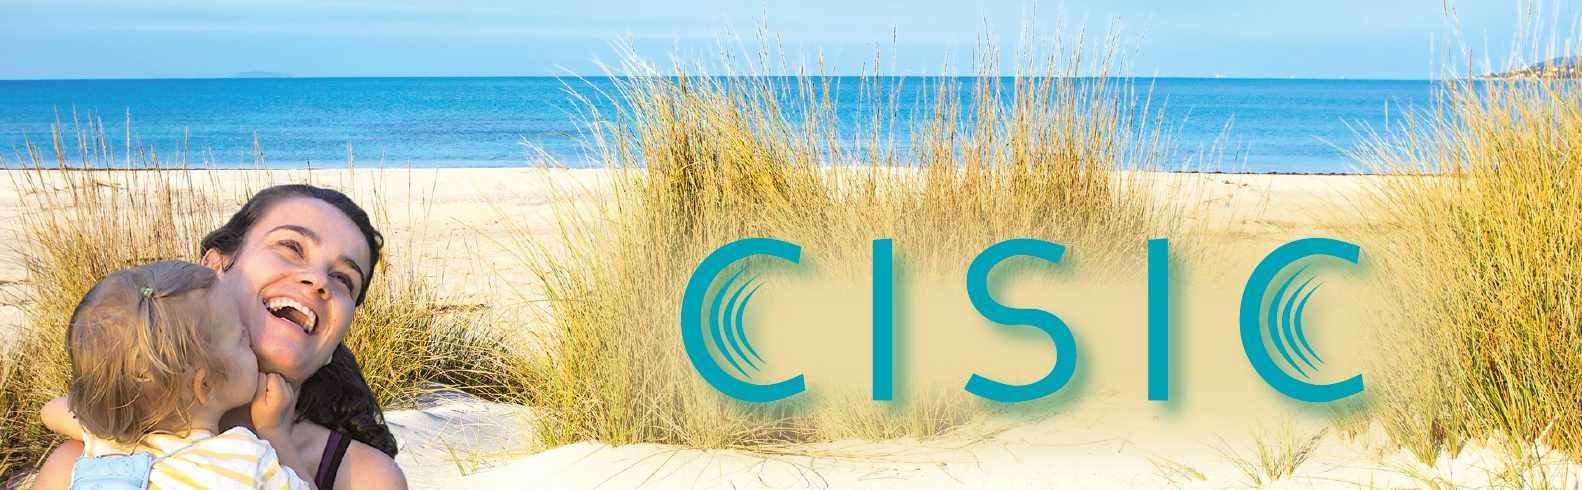 CISIC - Centre d'Information sur la Surdité et l'Implant Cochléaire